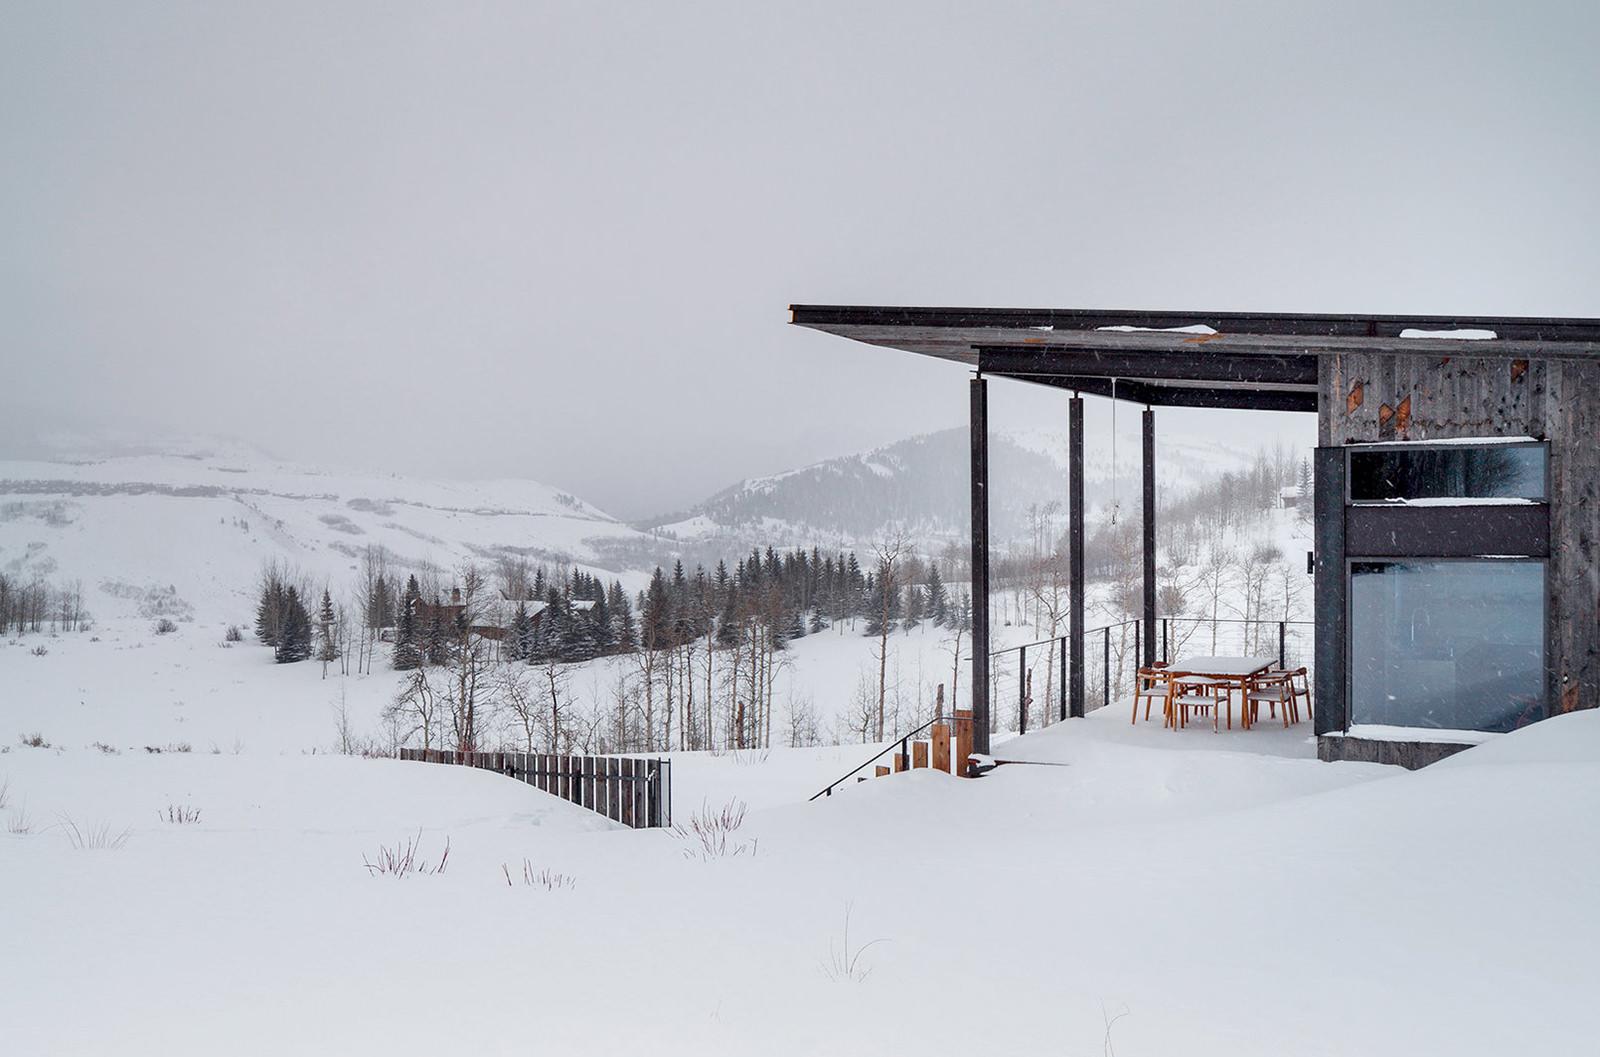 prywatny dom w górach